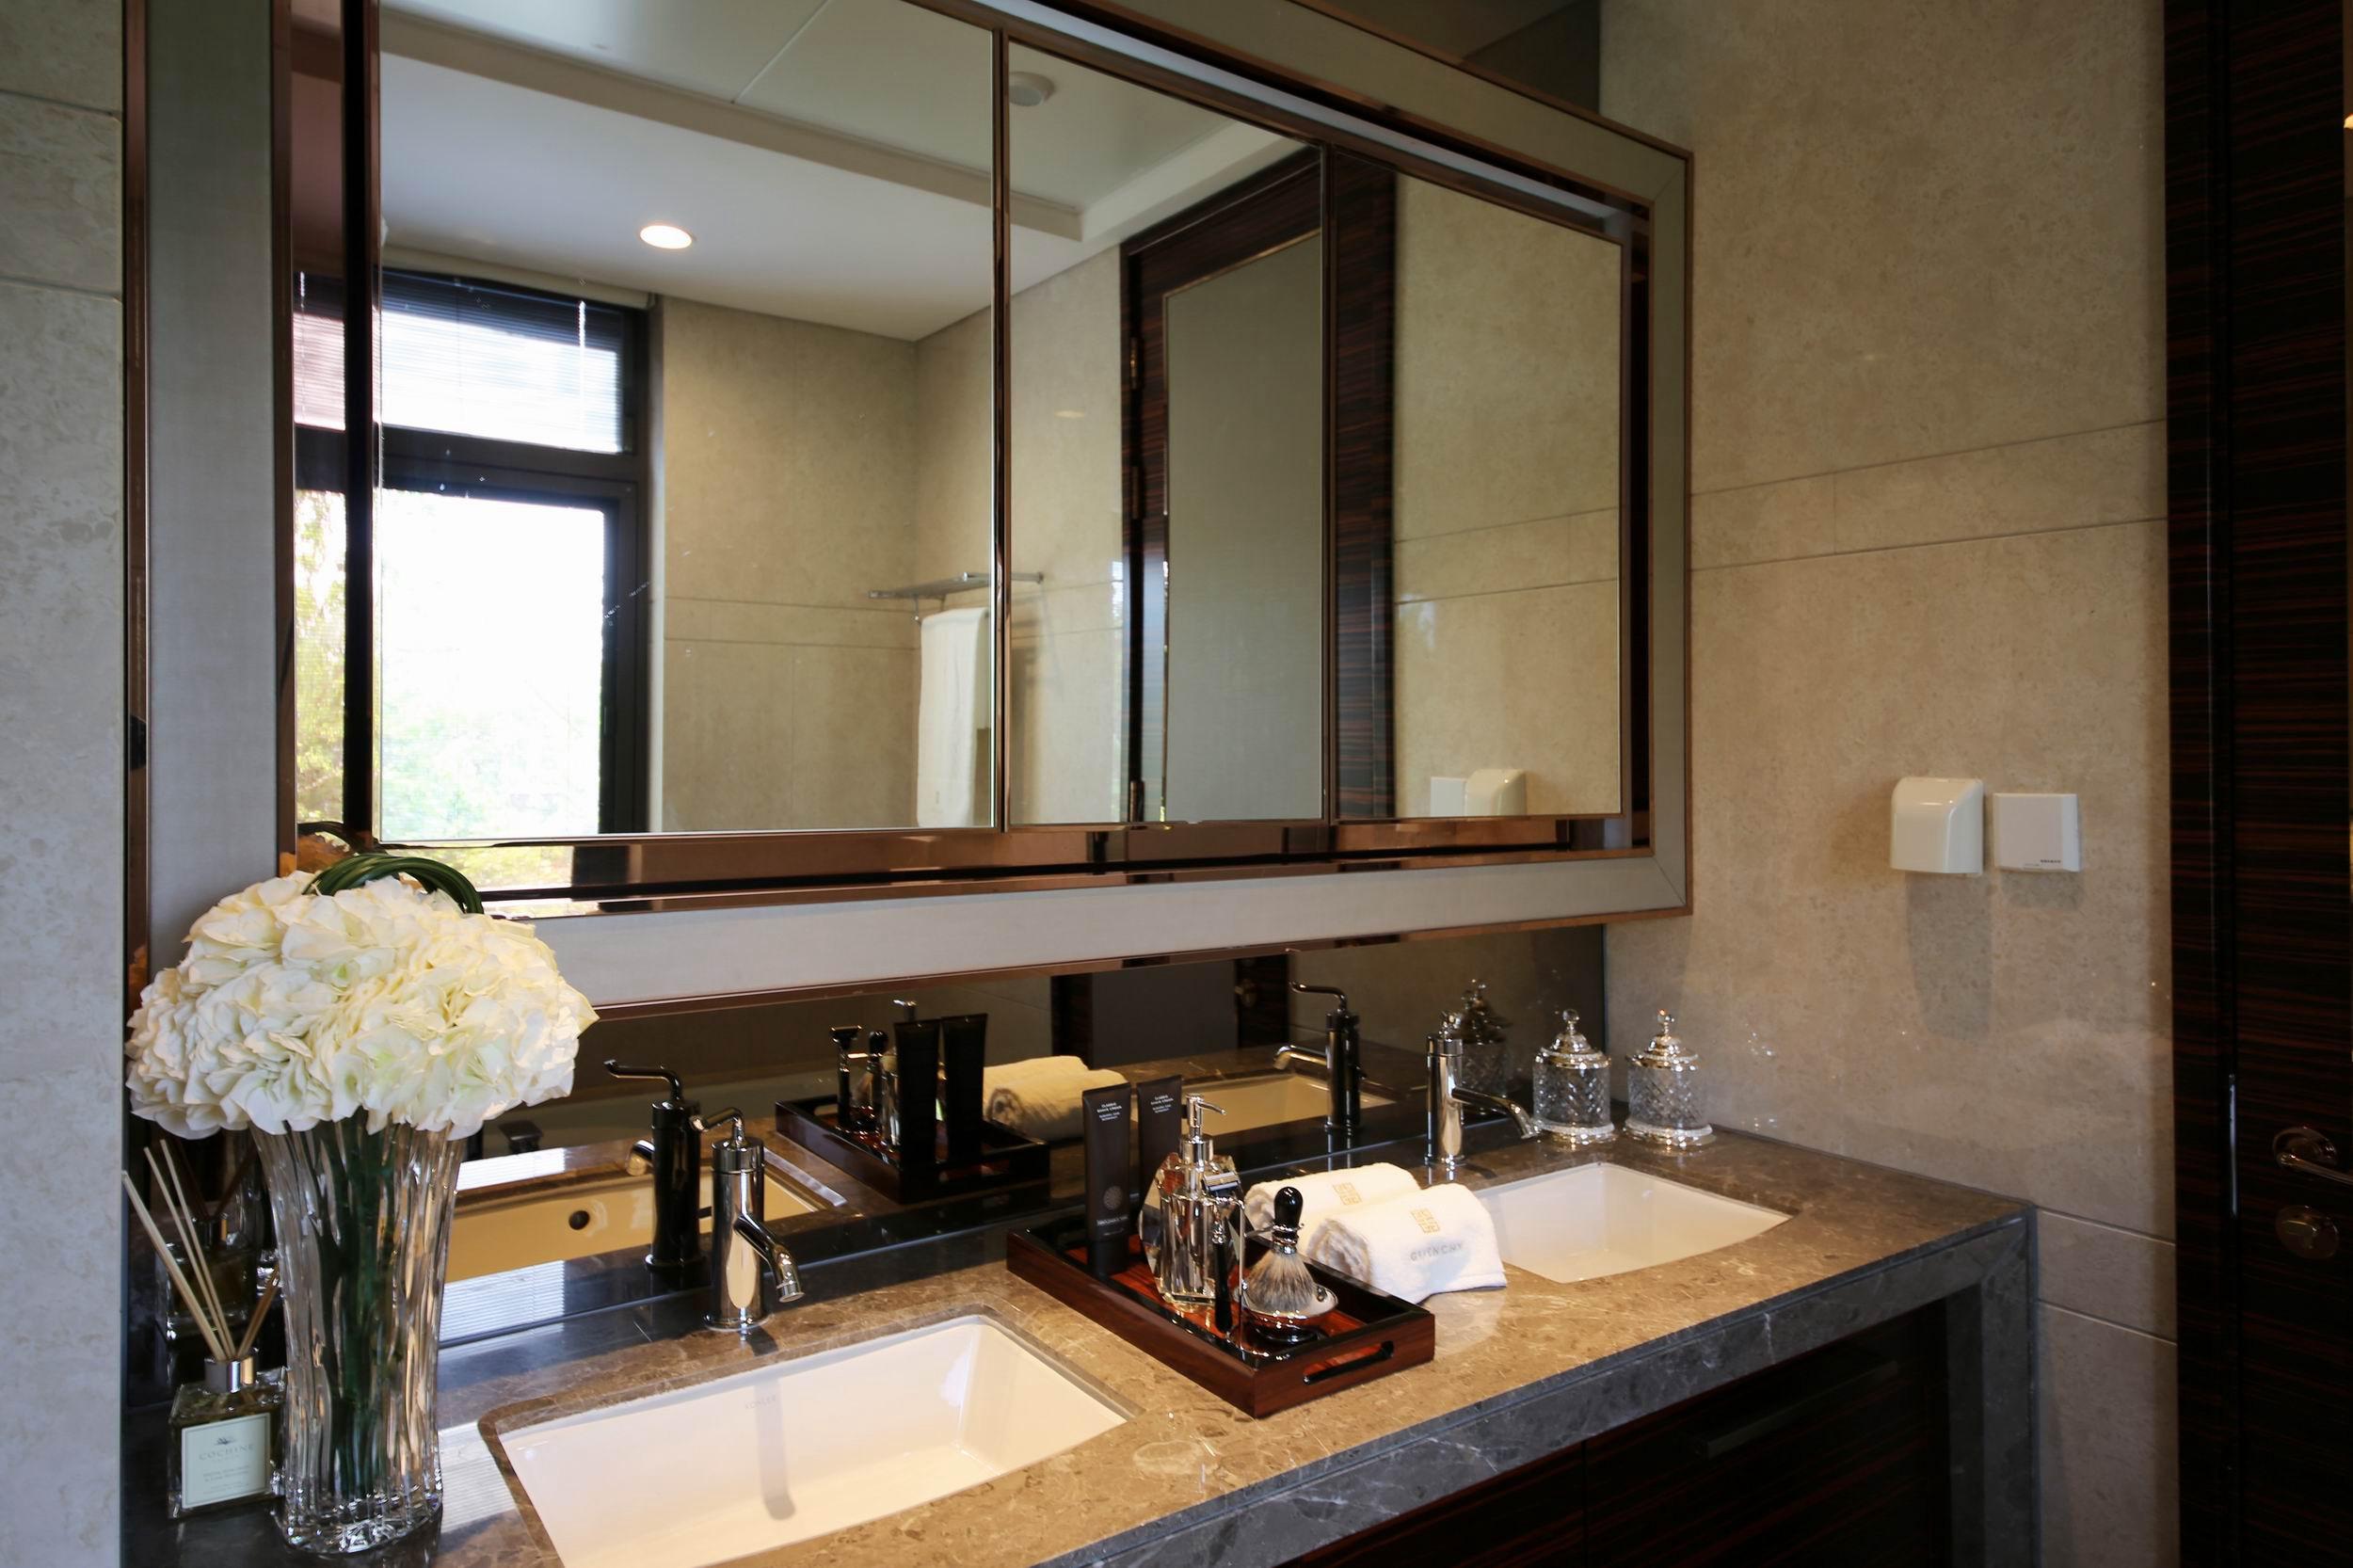 卫浴间天花板以此为材,对应上雪白洗手台,整合出整体质感。